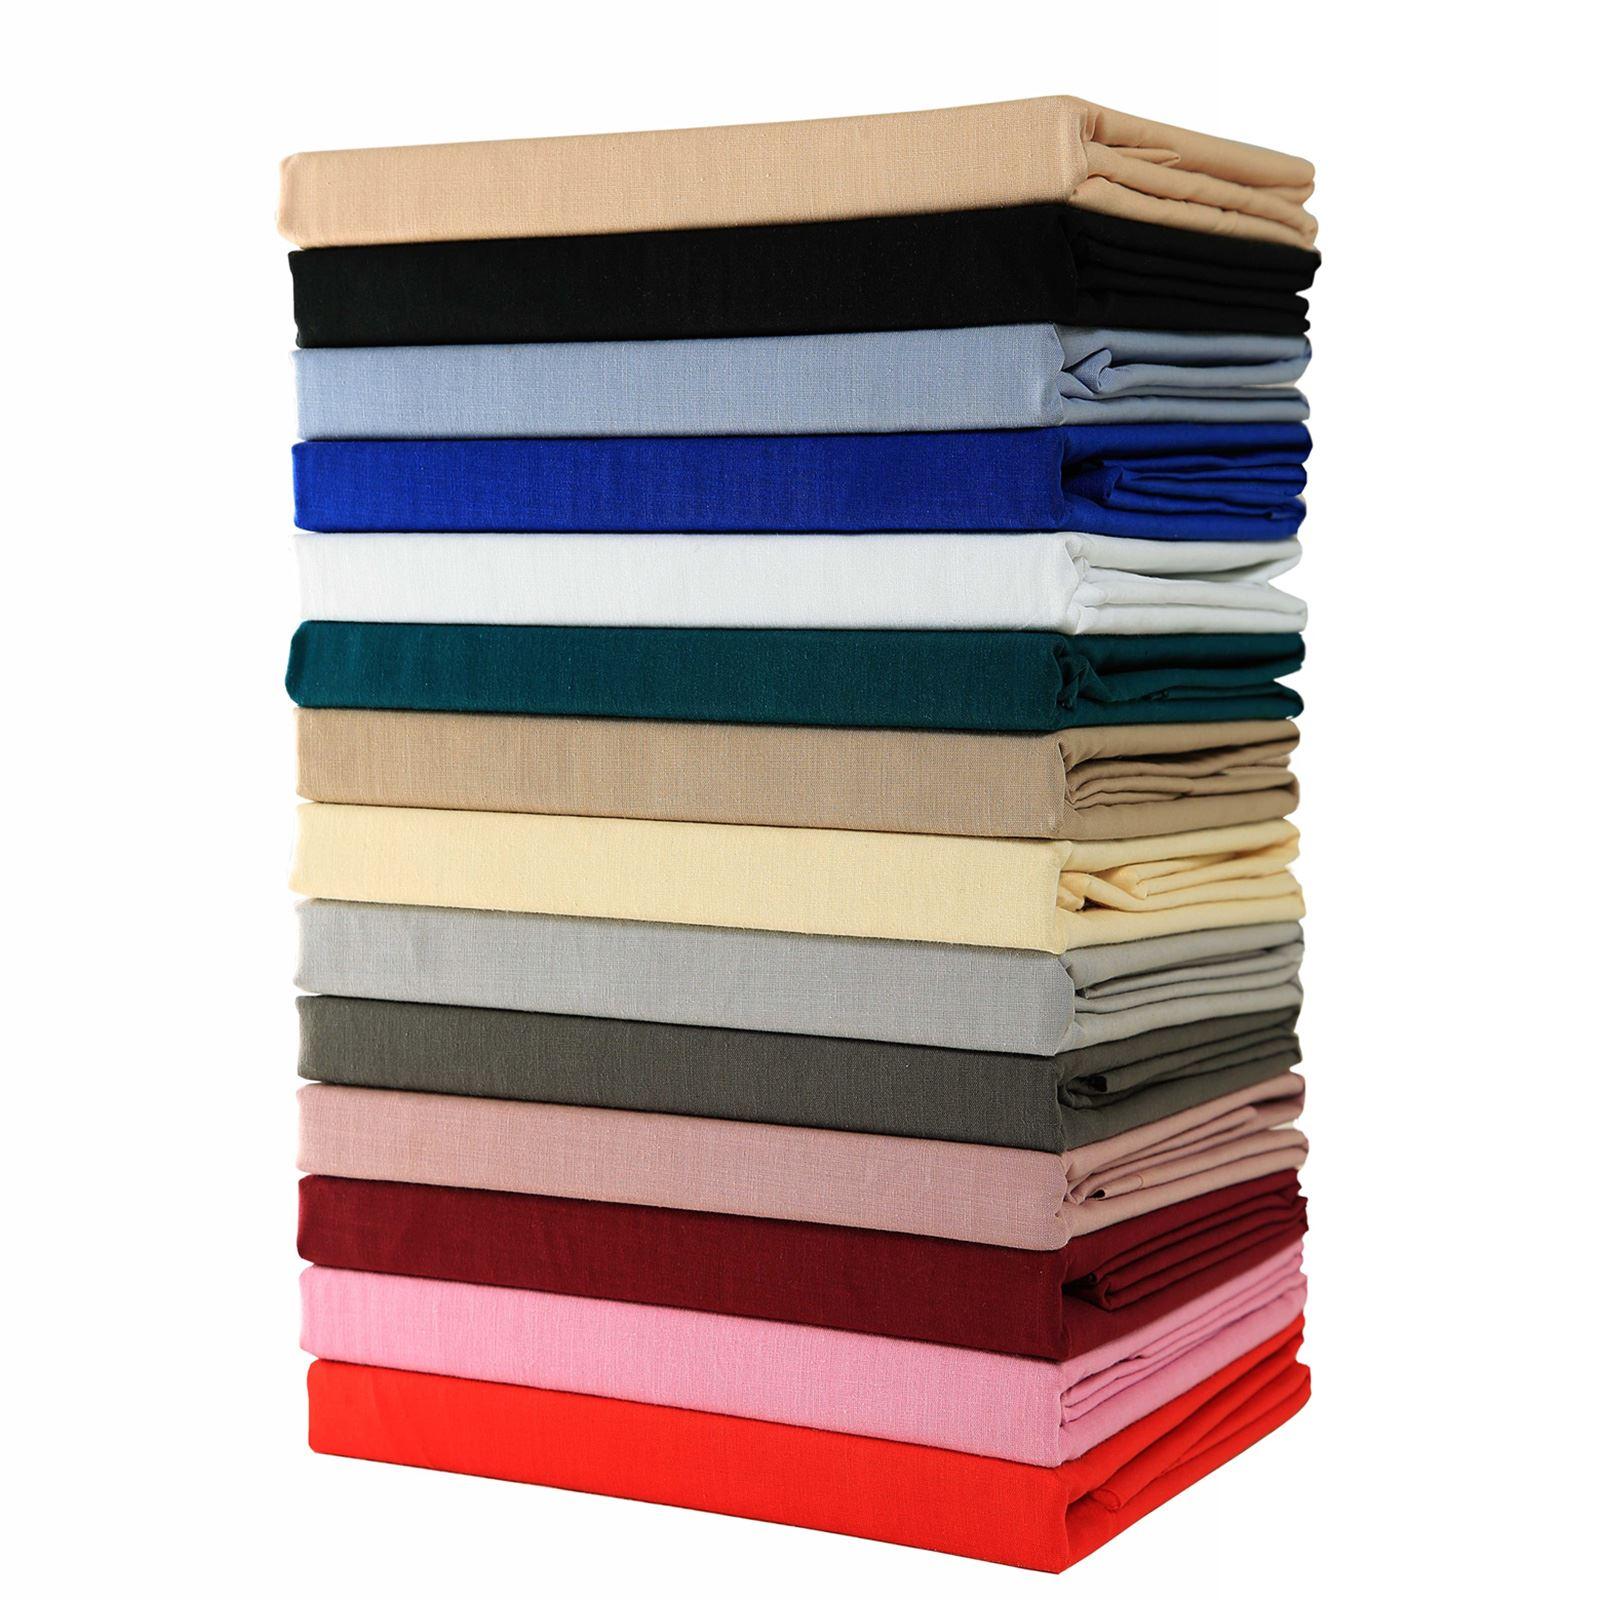 Nimsay home plain box pleated base platform valance sheets for Divan valance sheet